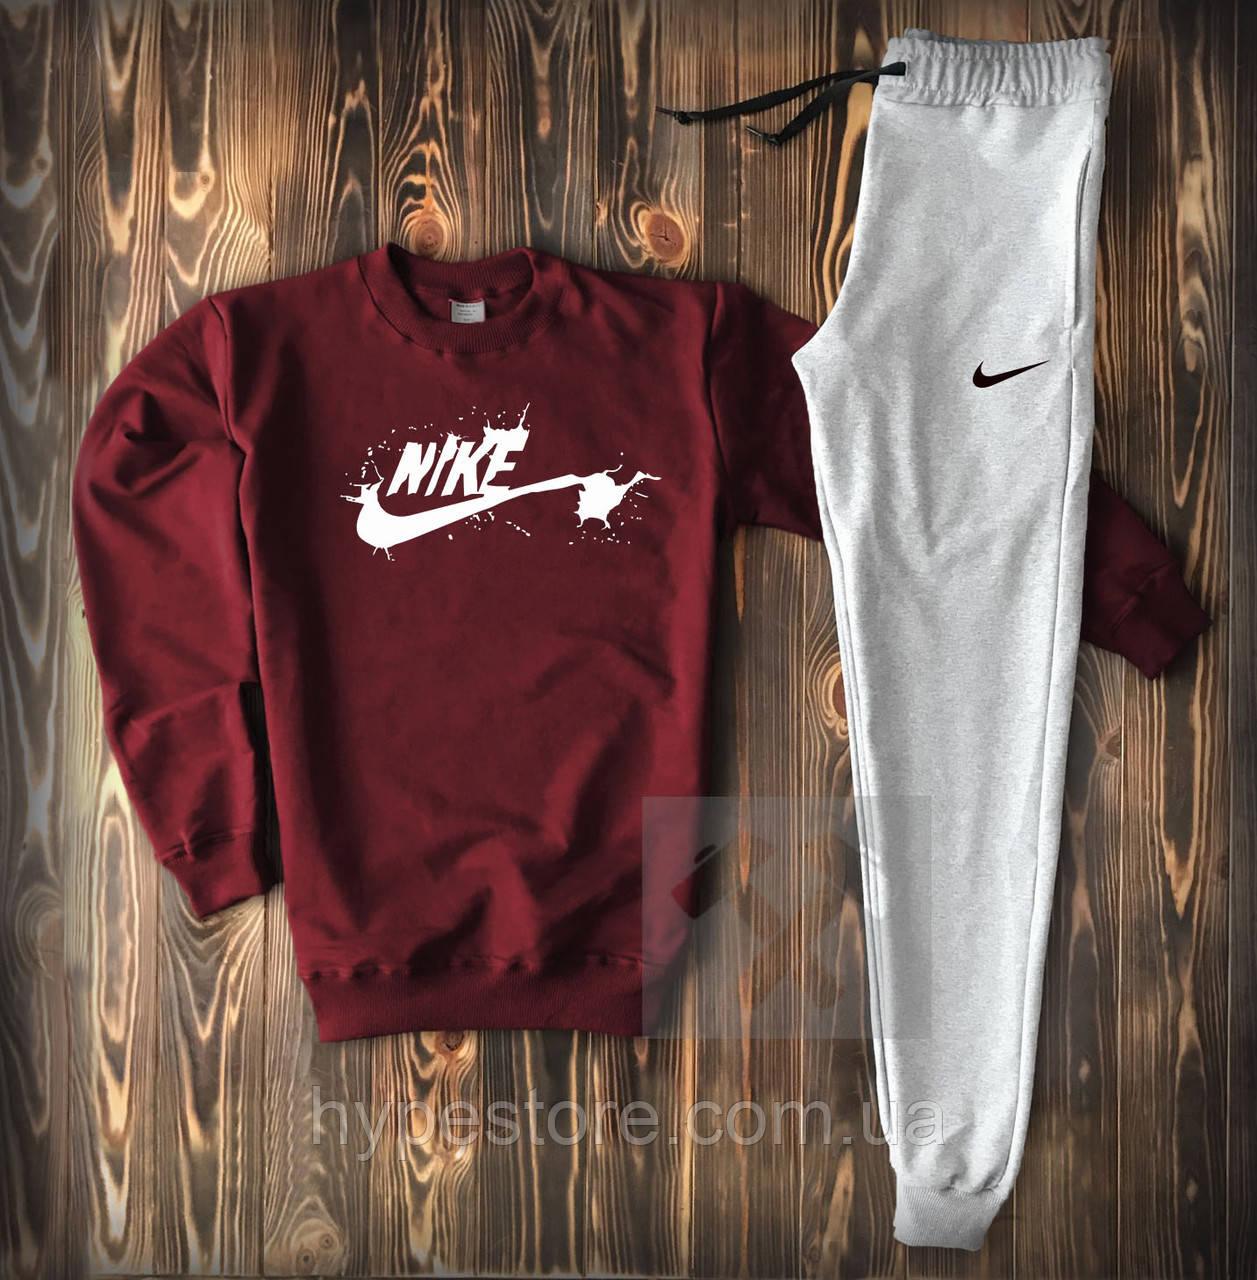 Мужской весенний спортивный костюм, чоловічий костюм Nike, найк (бордо+серый), Реплика